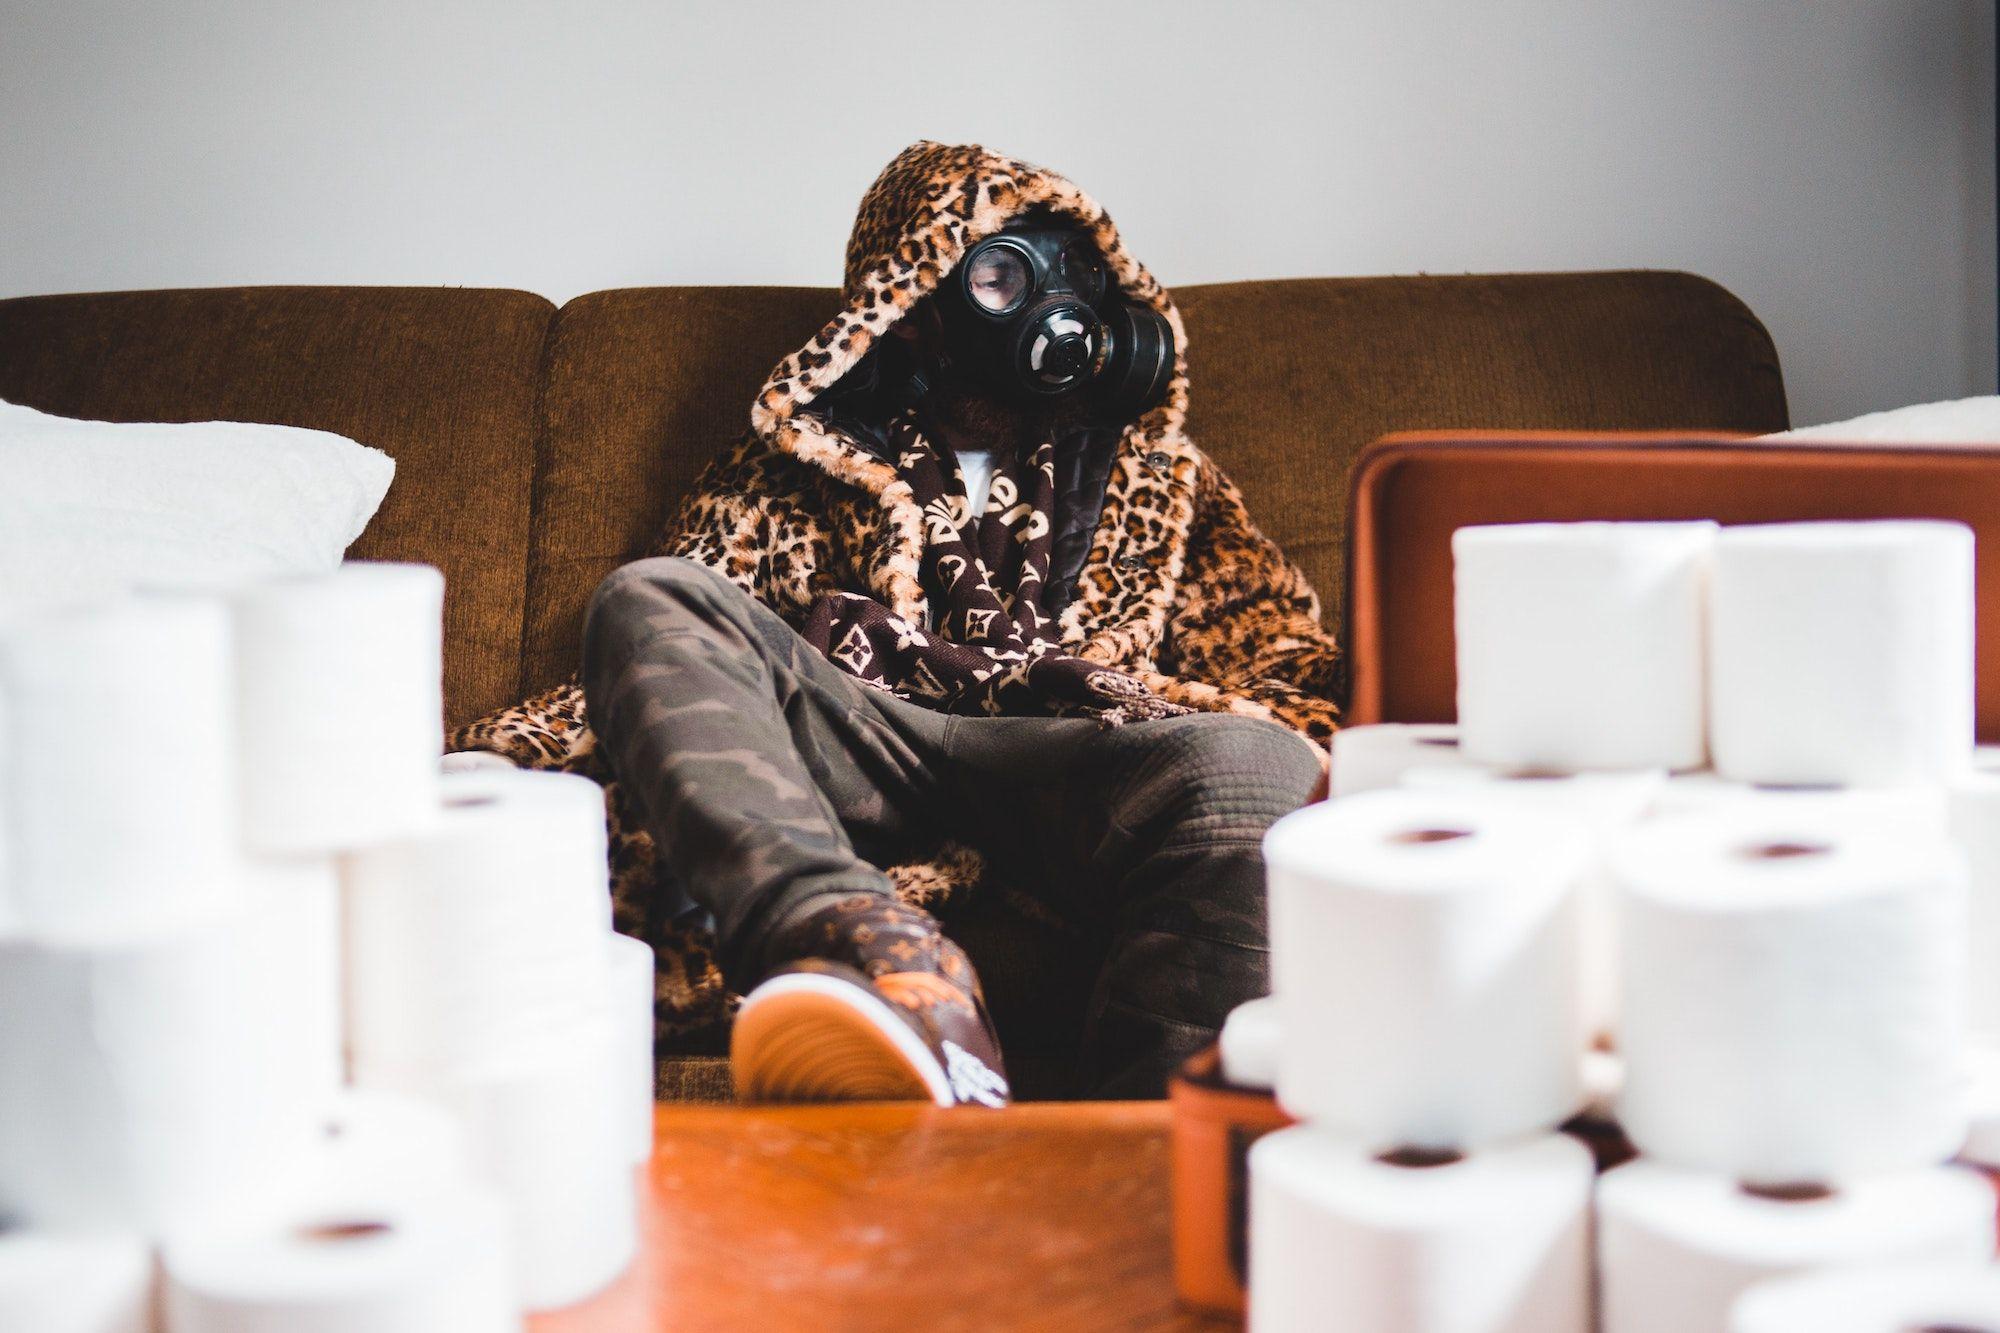 човек с противогаз, седнал на диван, вдигнал крак на маса отрупана с тоалетна хартия